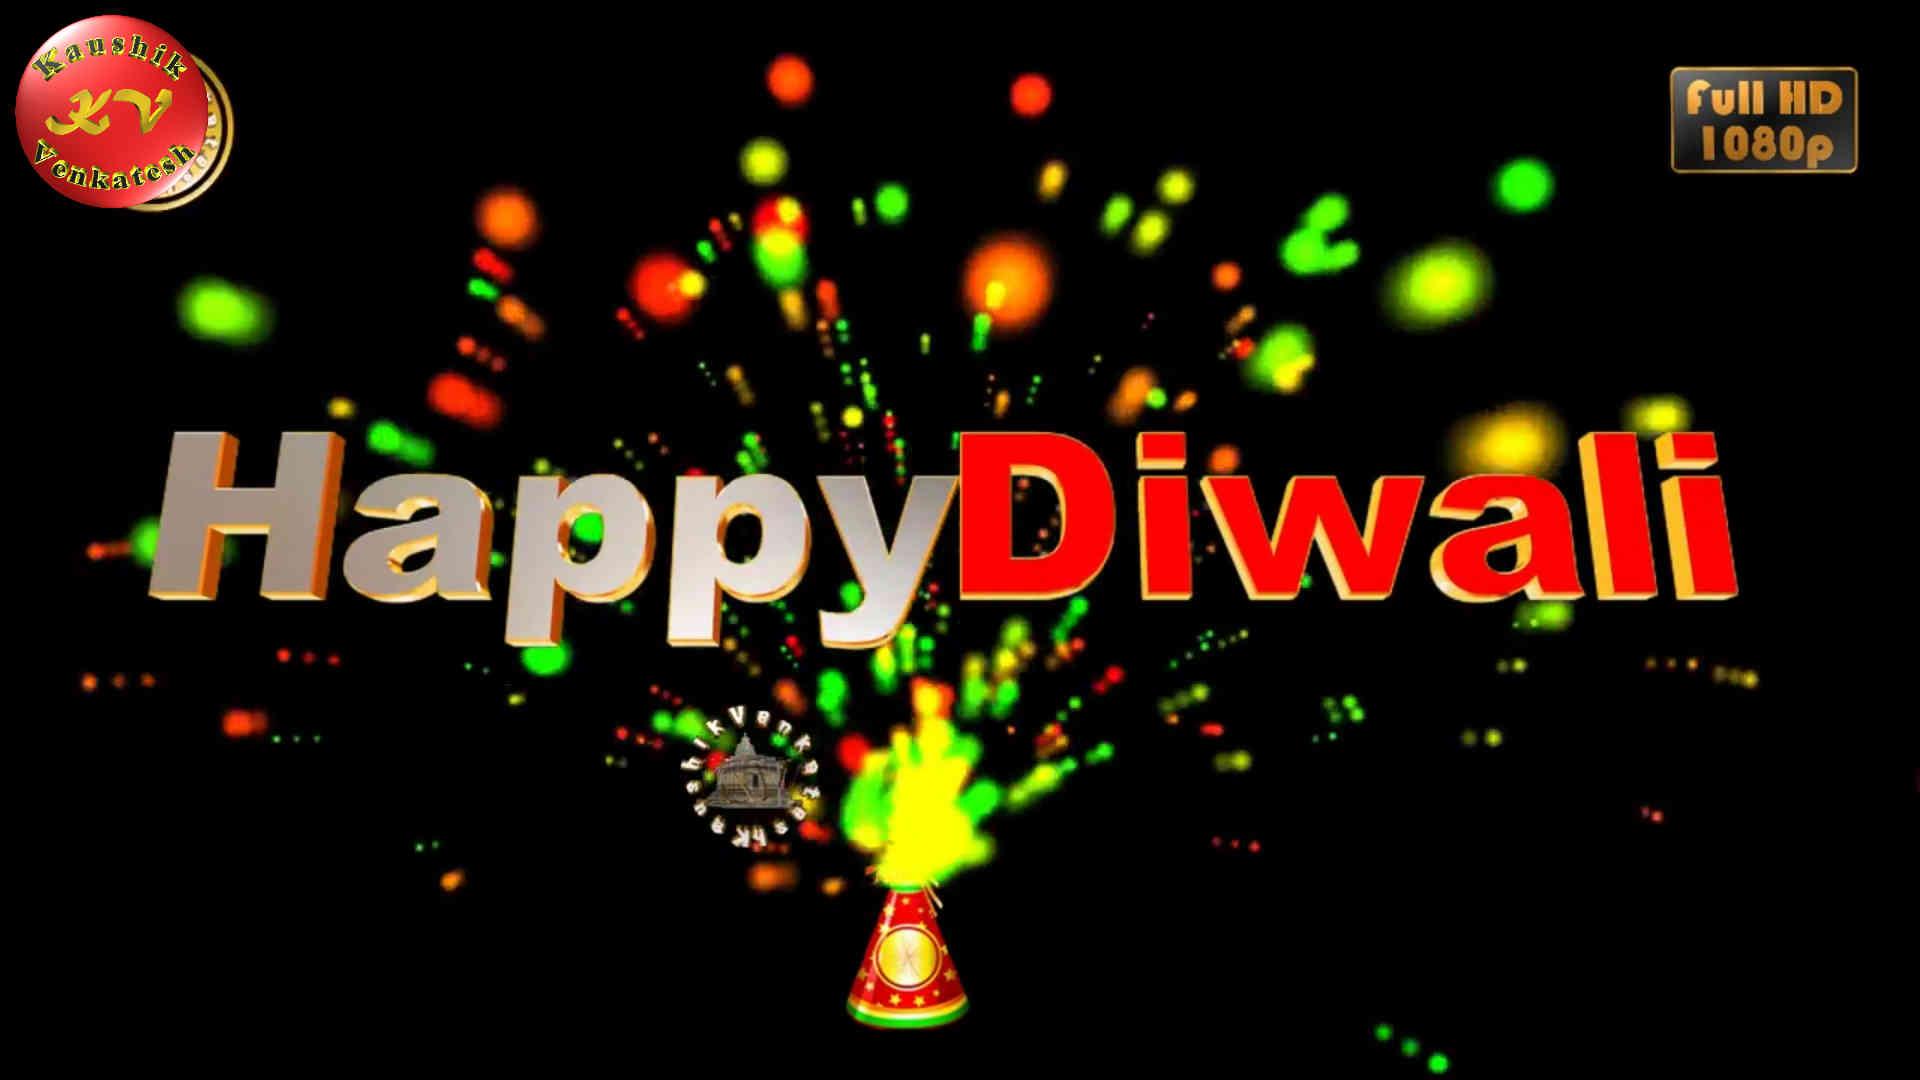 Happy Diwali Wishes (Flower Pot Fireworks)